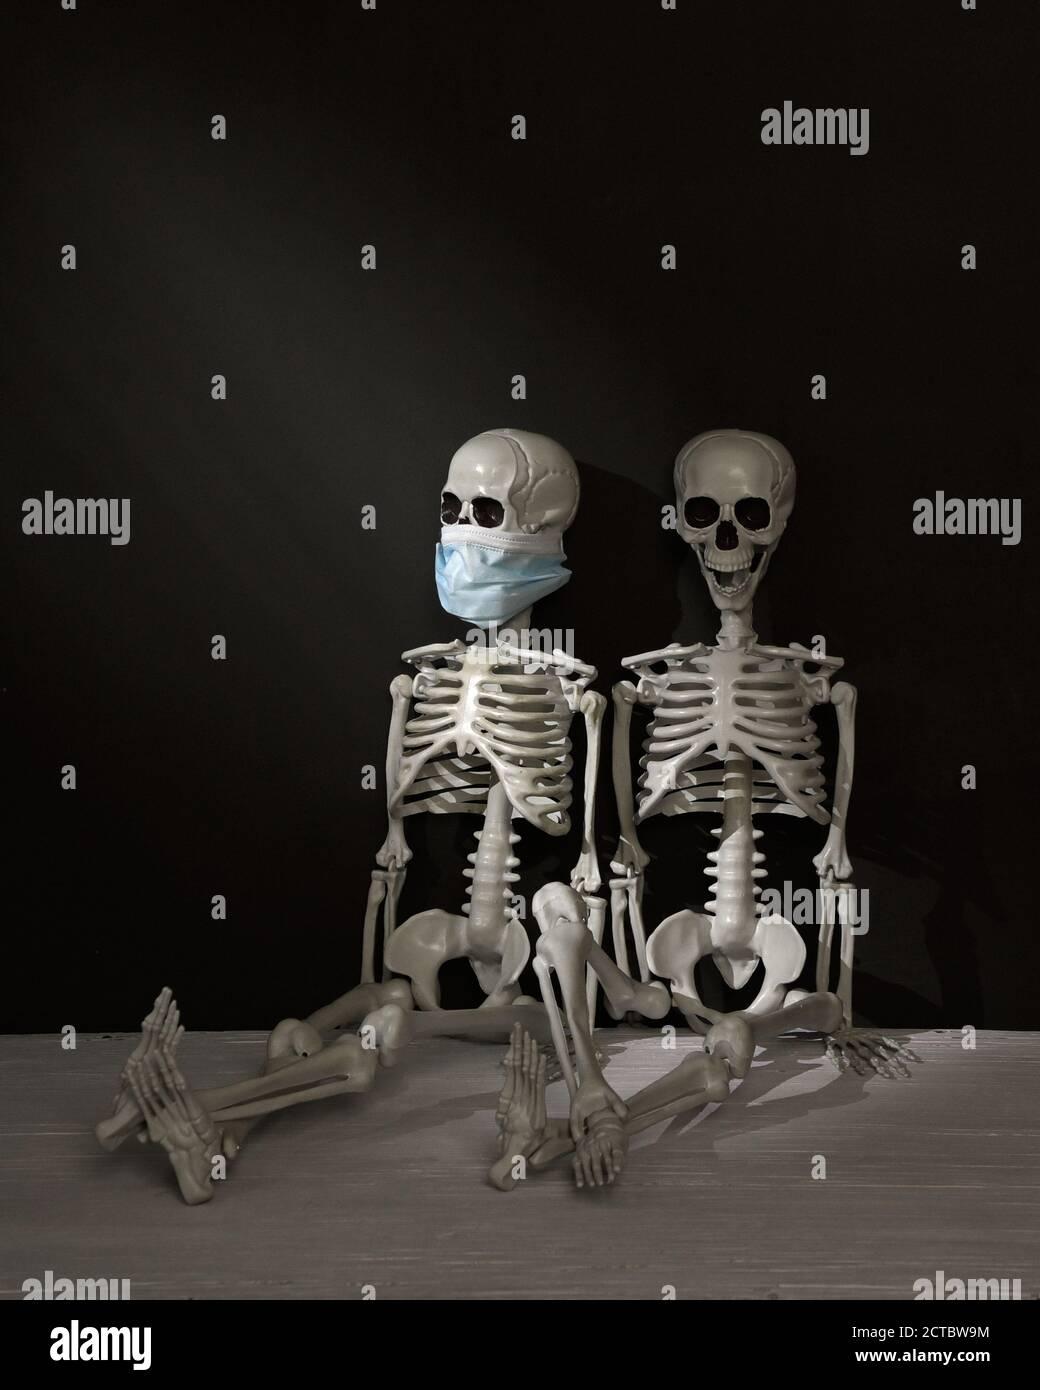 Deux squelettes sont assis dans une pièce sombre. L'un porte un masque et l'autre n'est pas pour un concept anti-masque d'humour sombre pendant la pandémie Covid 19. Banque D'Images